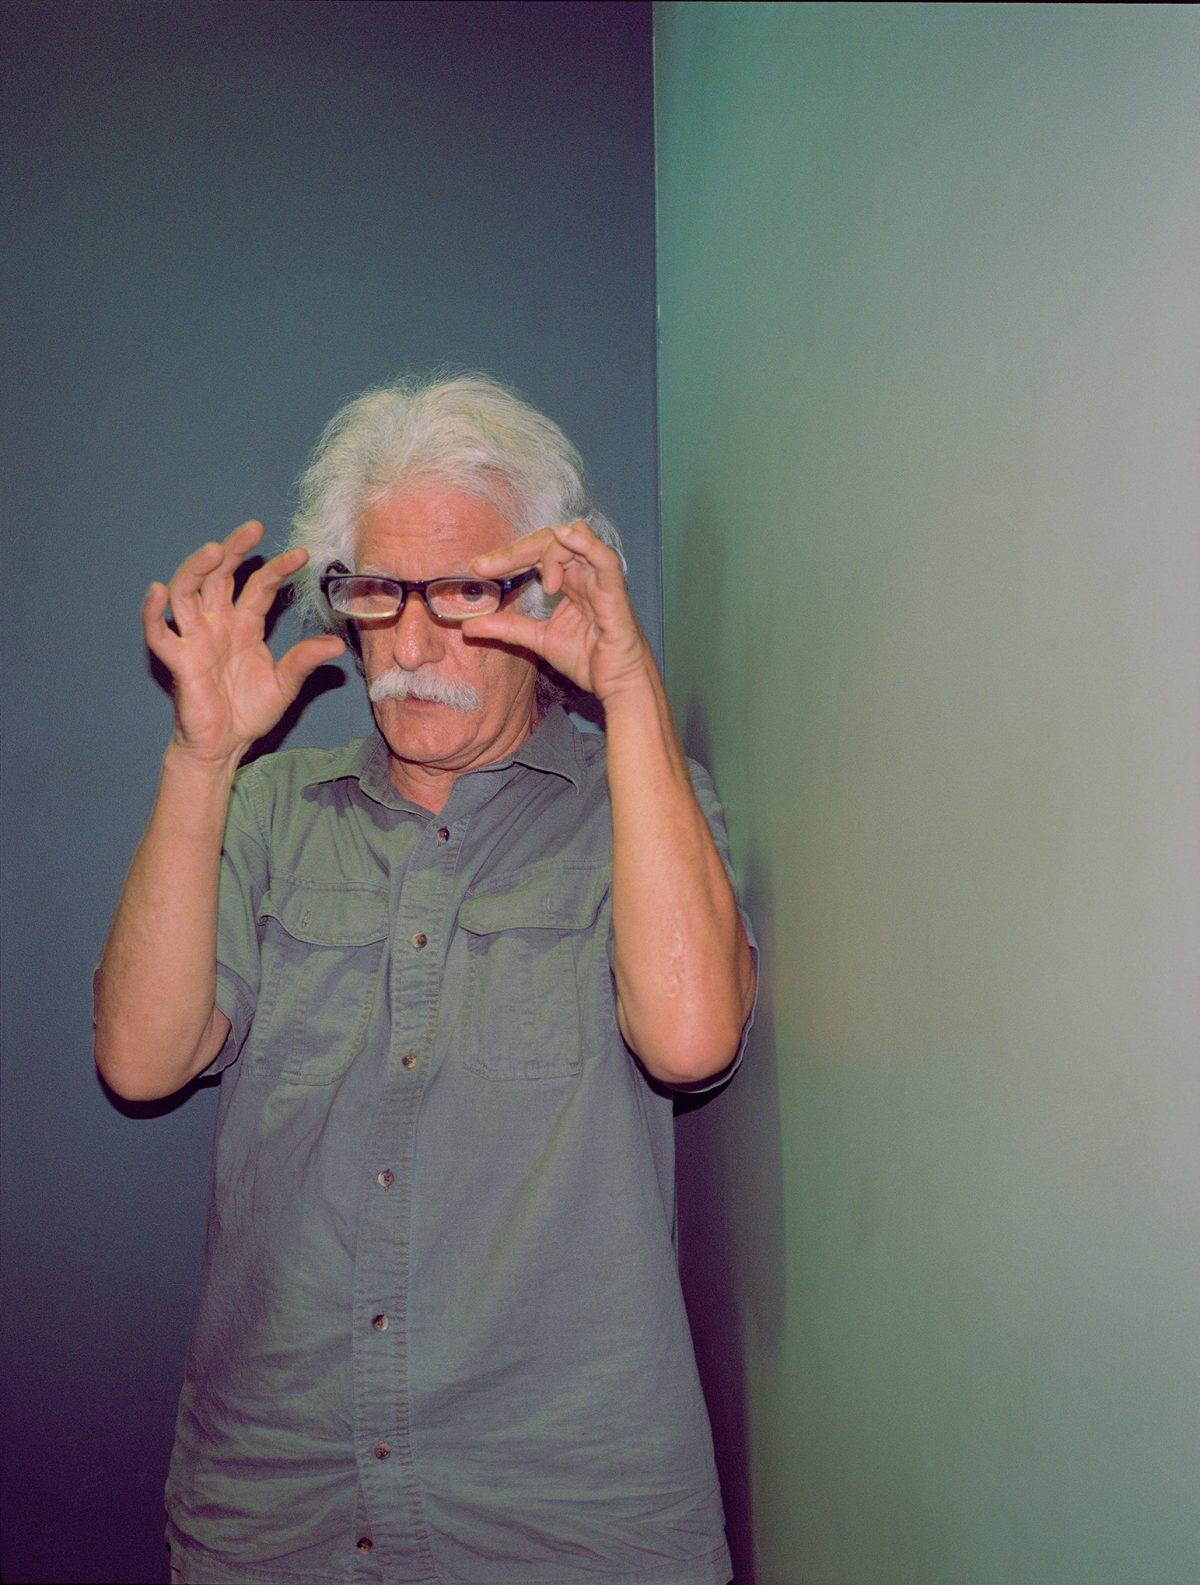 """Jim Dilettoso est connu pour avoir analysé la vidéo des célèbres """"Lumières de Phoenix"""" (un ovni en forme de V aurait survolé la ville en 1997) et a conclu qu'il ne pouvait s'agir d'images truquées par l'homme"""